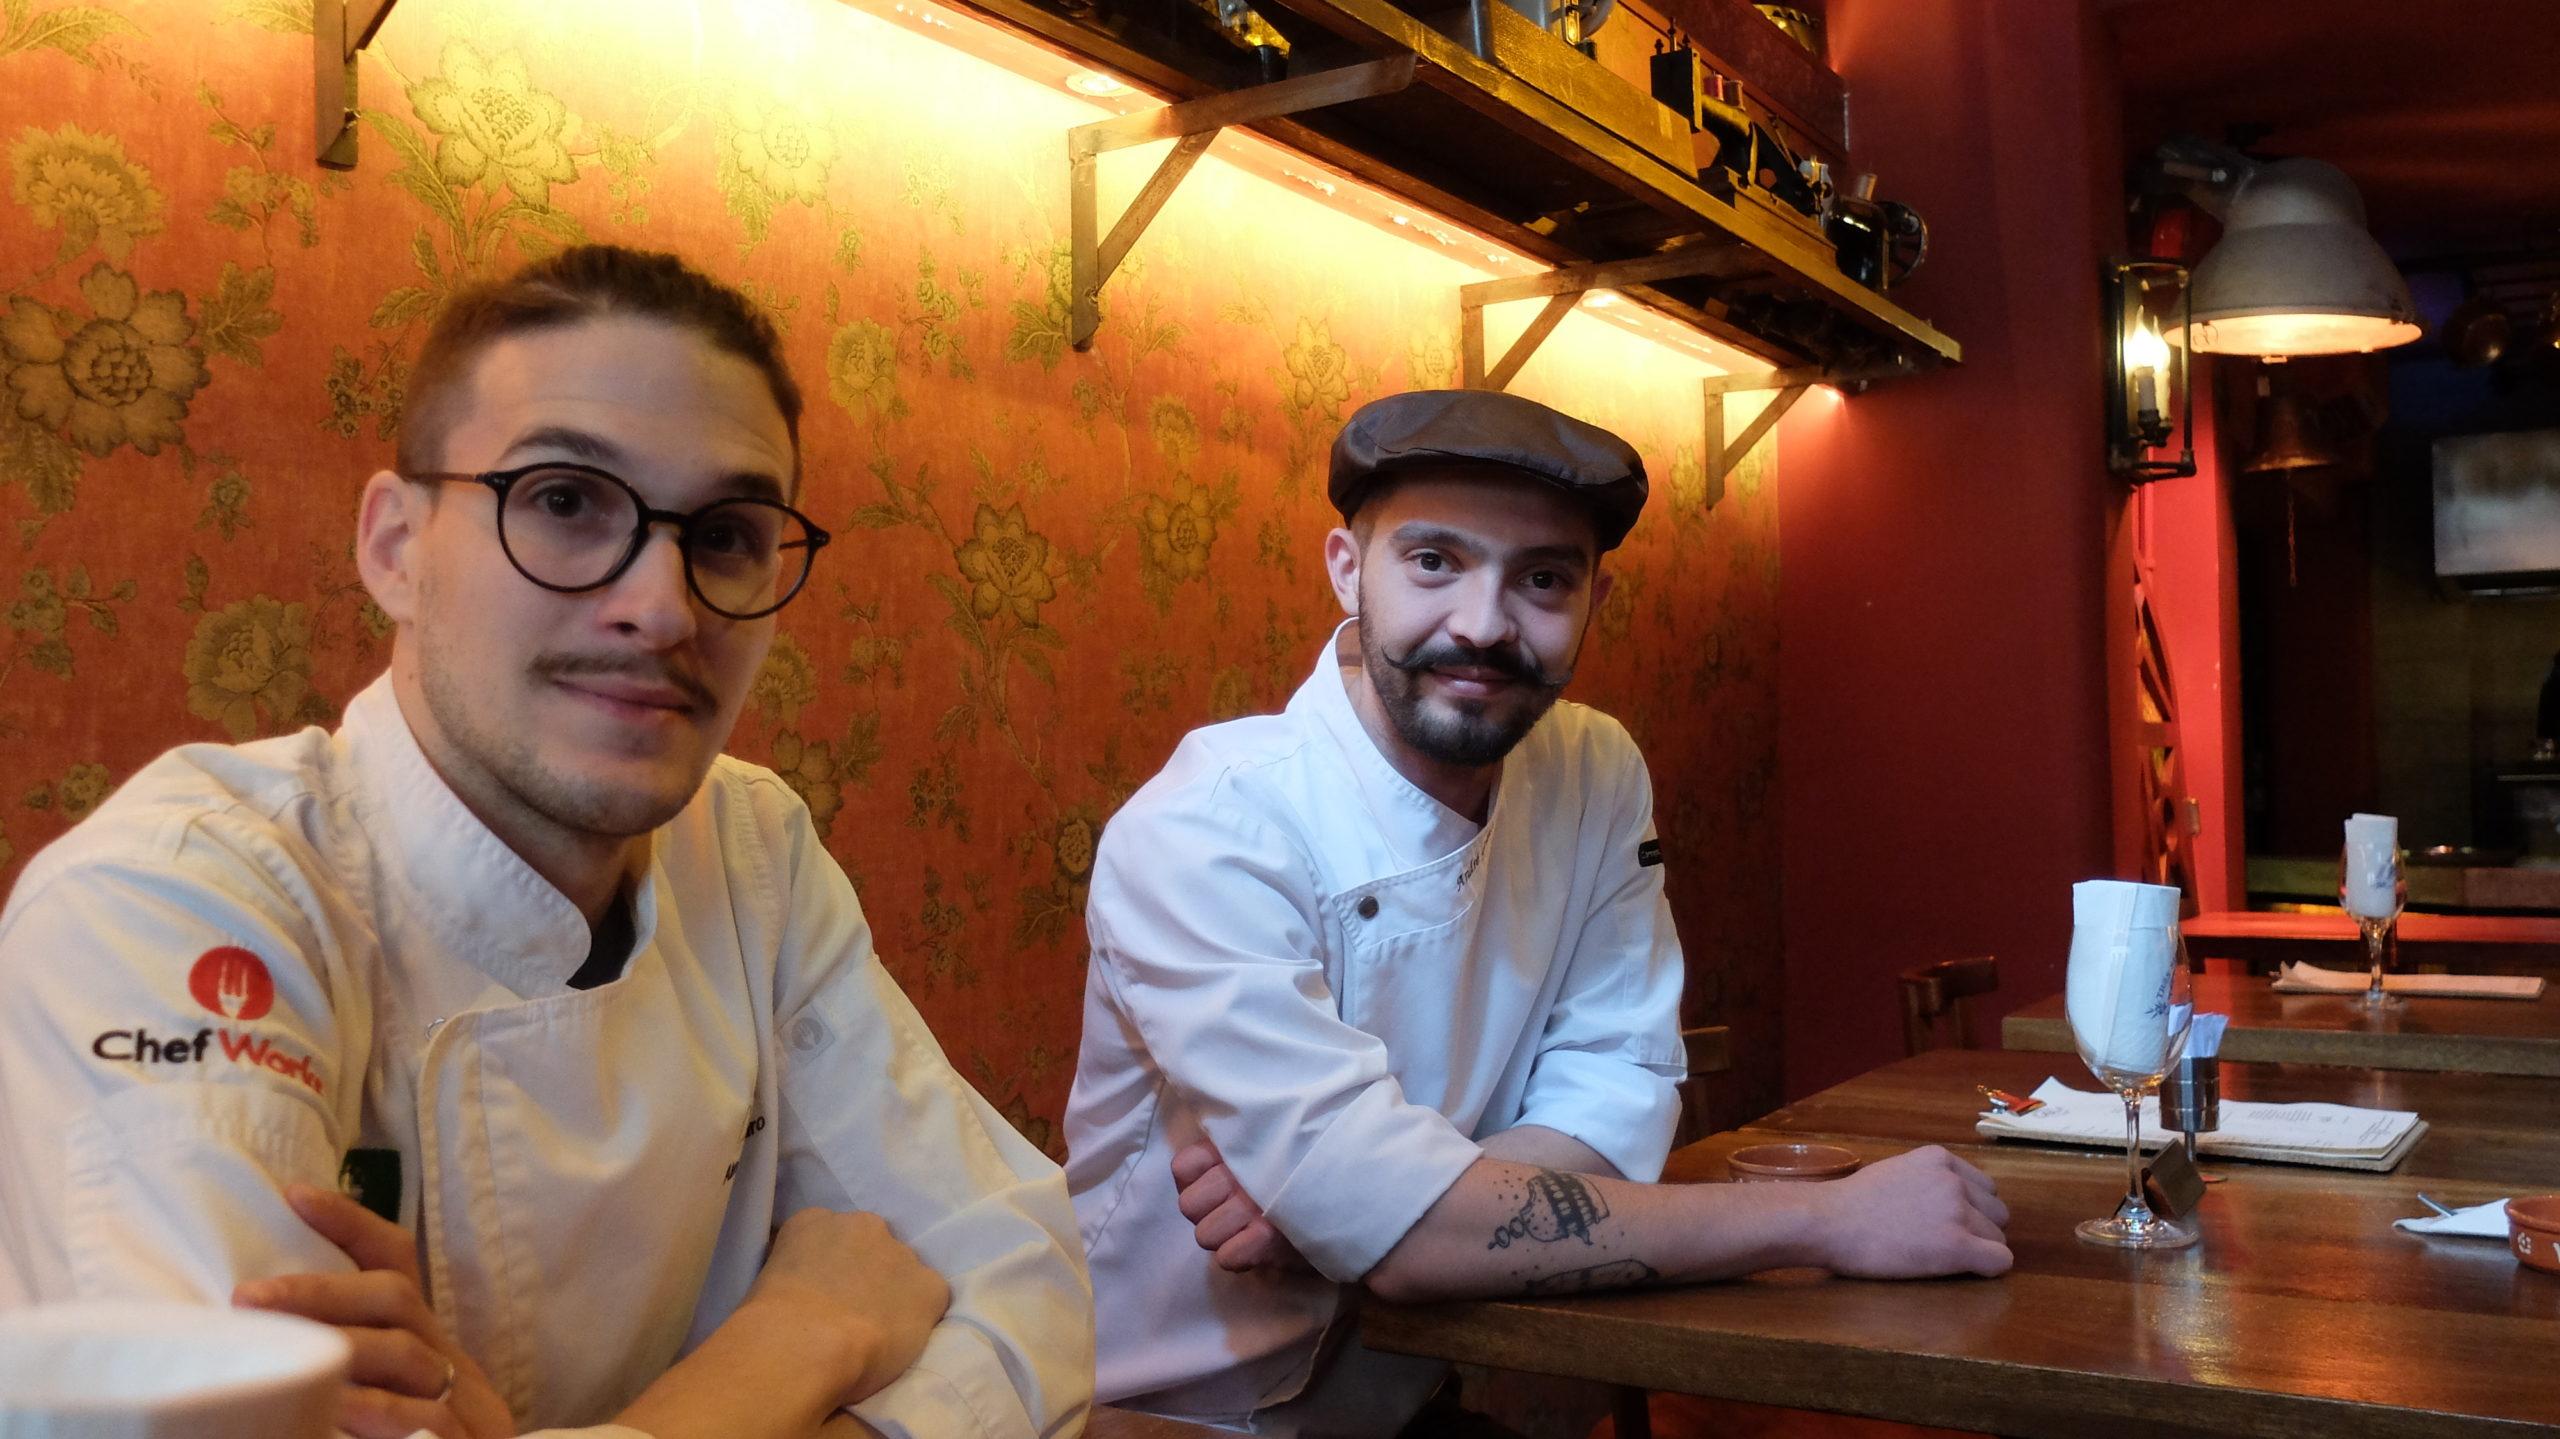 Gastronomia   Restaurante 3 Sardinhas inaugura conceito de peticos em Macau